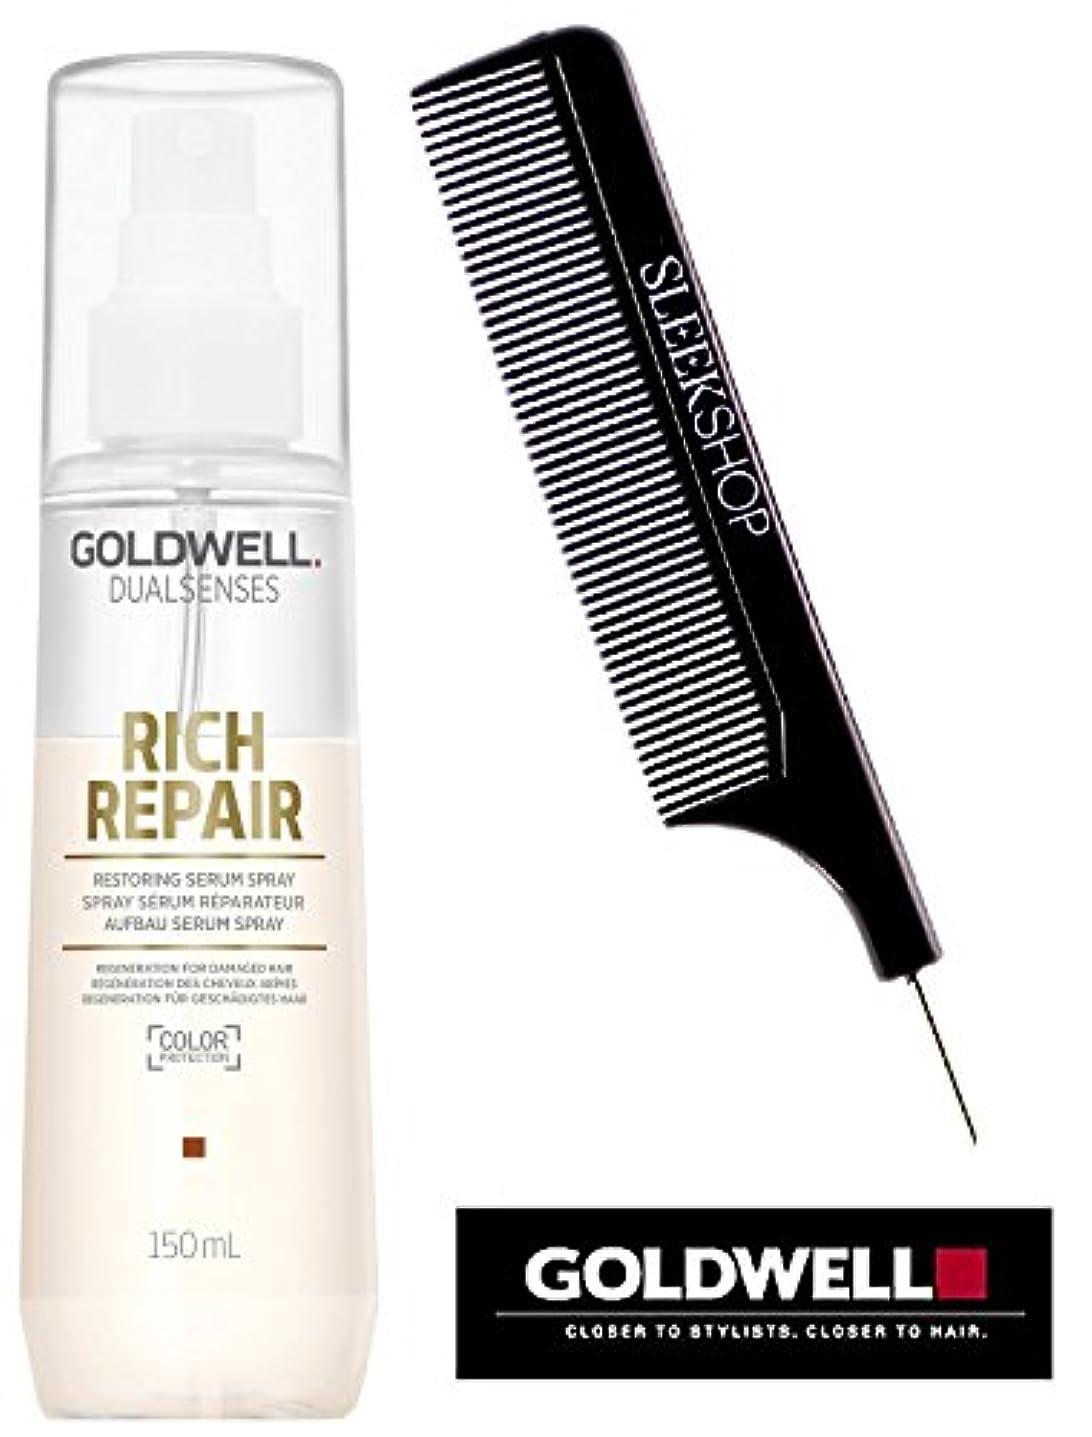 シールド悲しむスケートGoldwell (なめらかなスチールピンテール櫛で)血清スプレーを復元Dualsenses RICH修復 5オンス/ 150ミリリットル